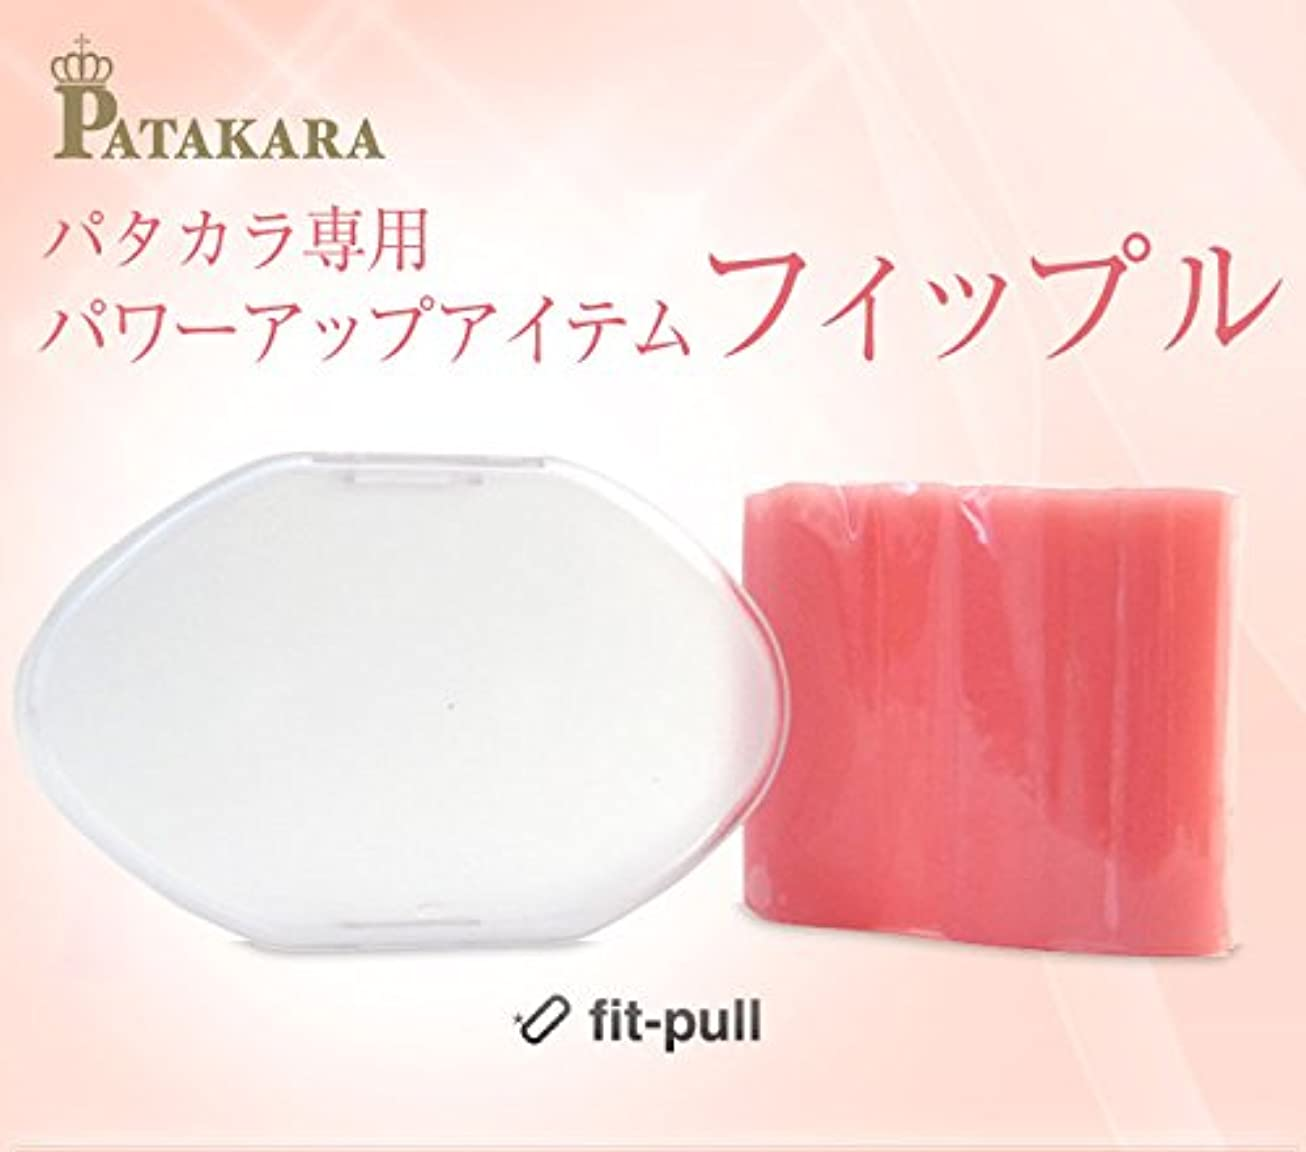 パタカラ専用パワーアップ器具『フィップル』